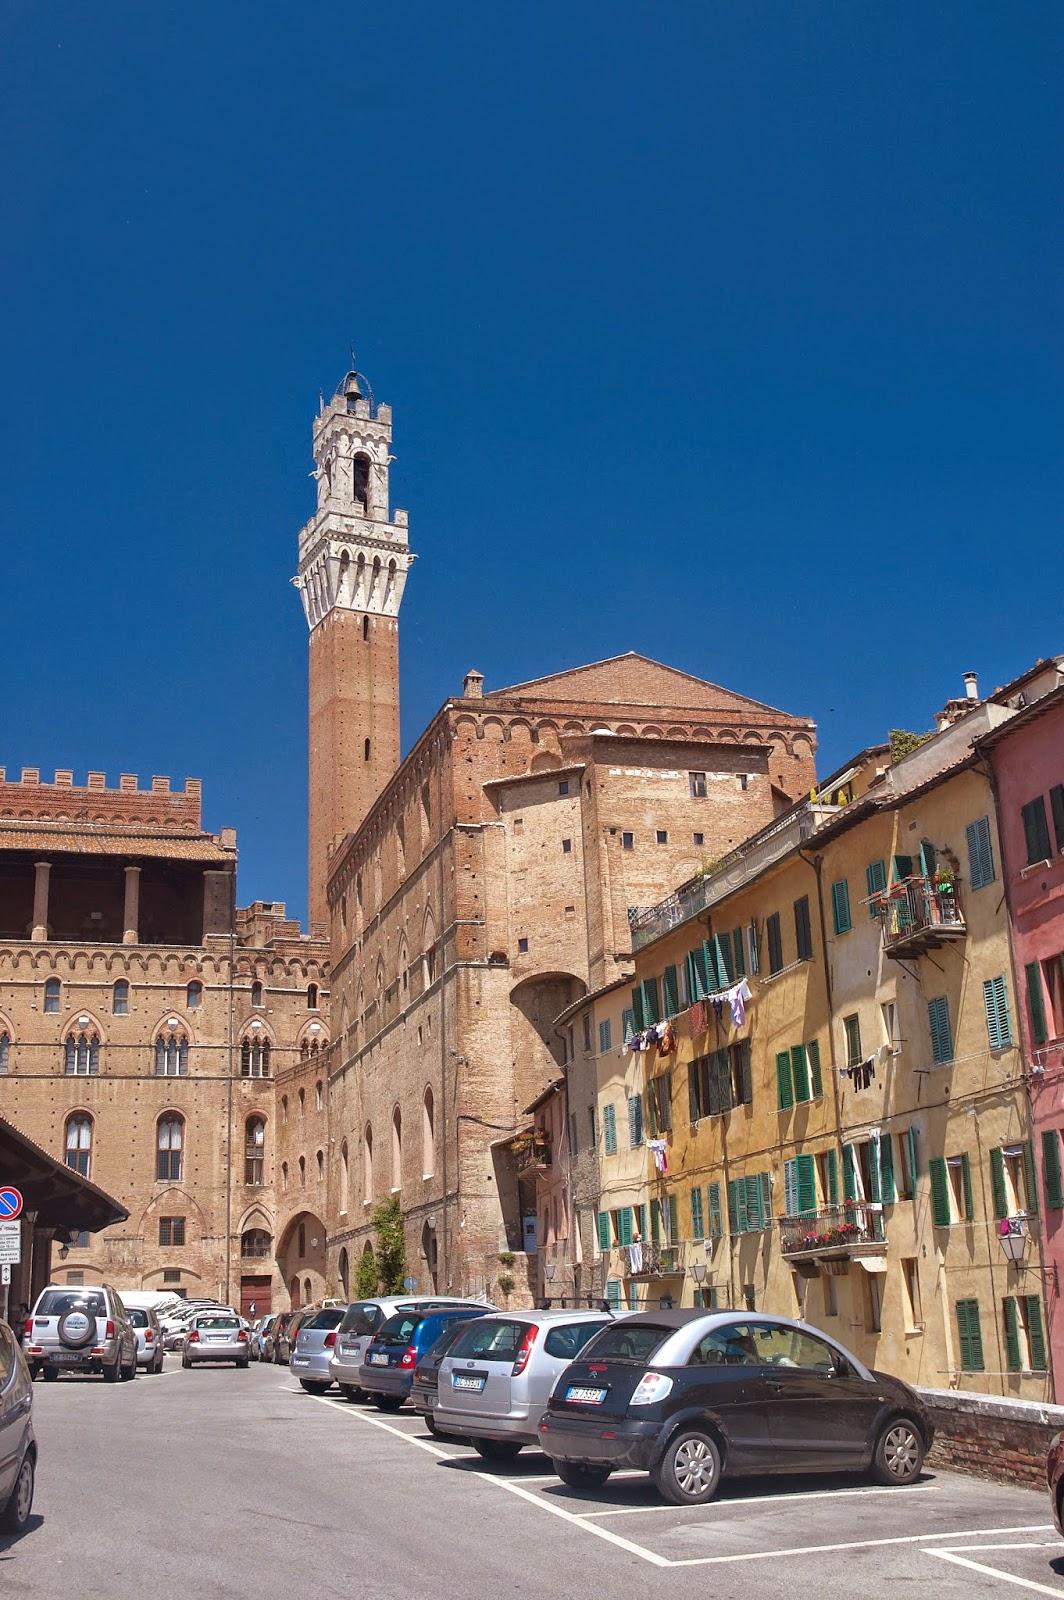 zabudowa miasta Siena